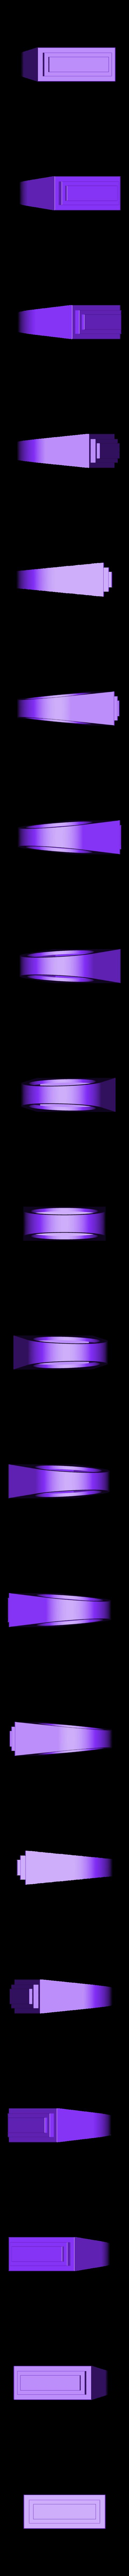 11.stl Télécharger fichier STL gratuit 20112018 • Objet à imprimer en 3D, tulukdesign